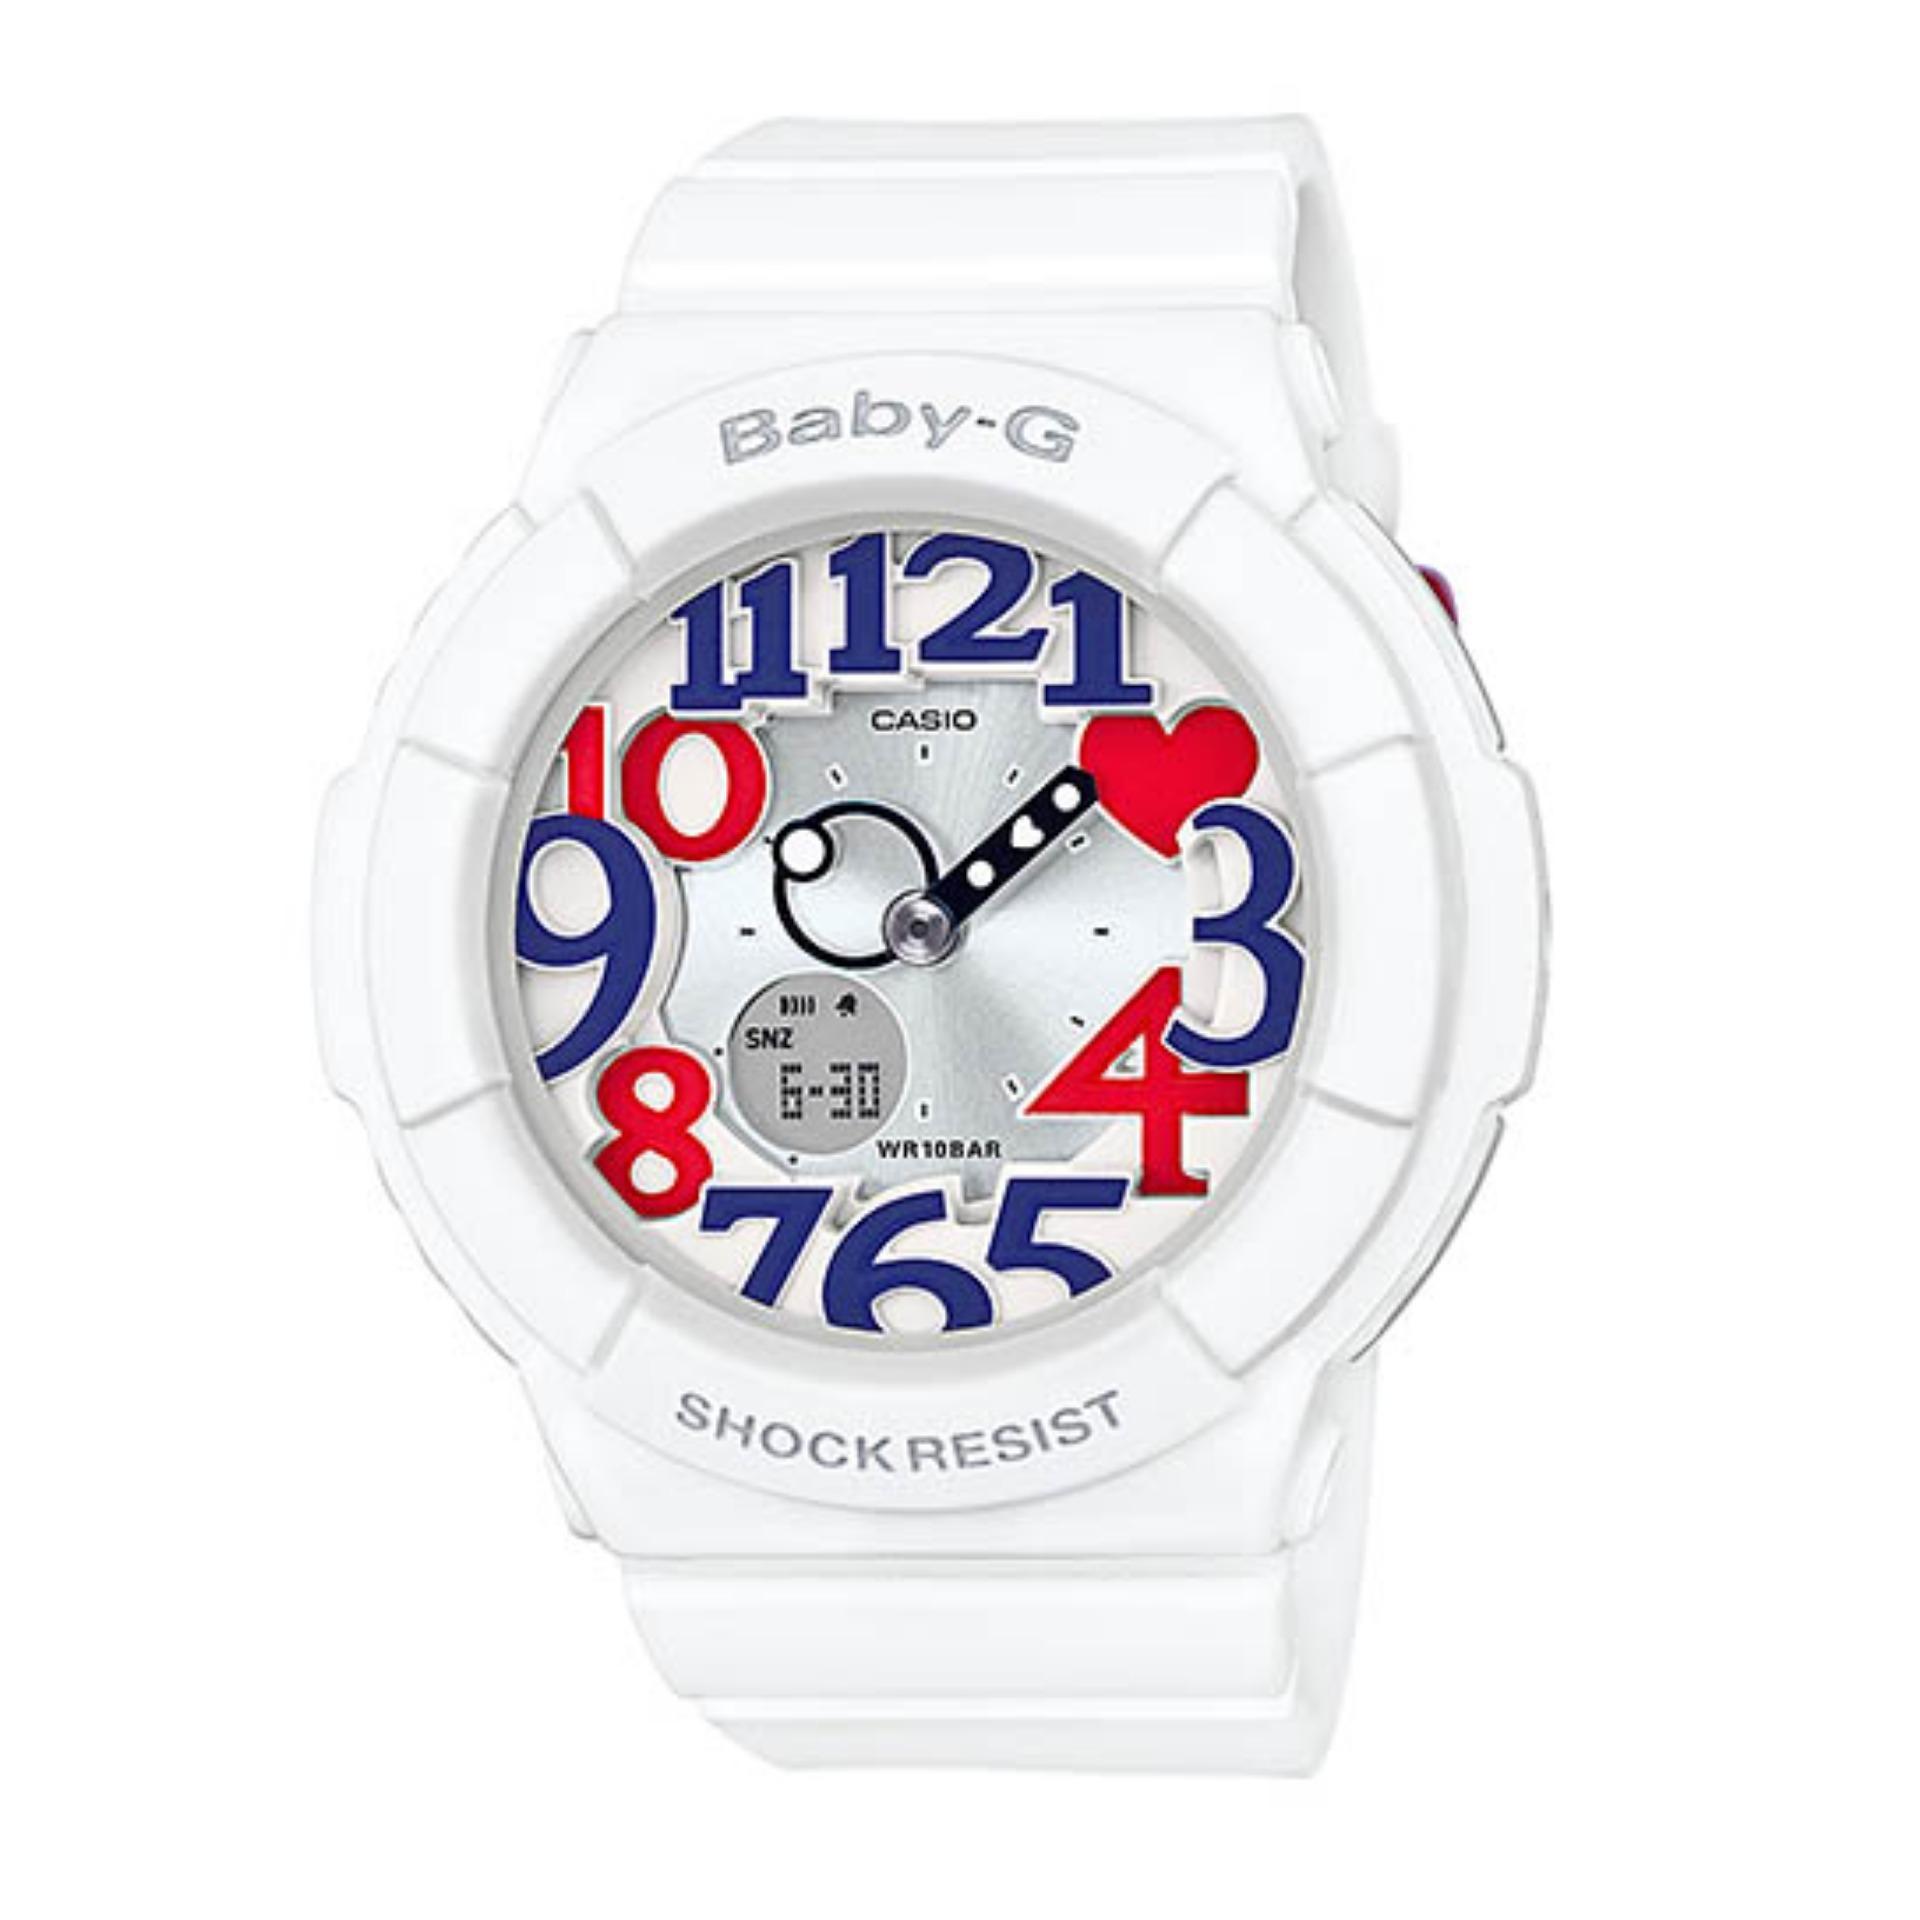 Harga Spesifikasi Casio Baby G Original Bga 131 1b2dr Diskon Bgs 180 3b Jam Tangan Wanita Putih 130tr 7b Resin